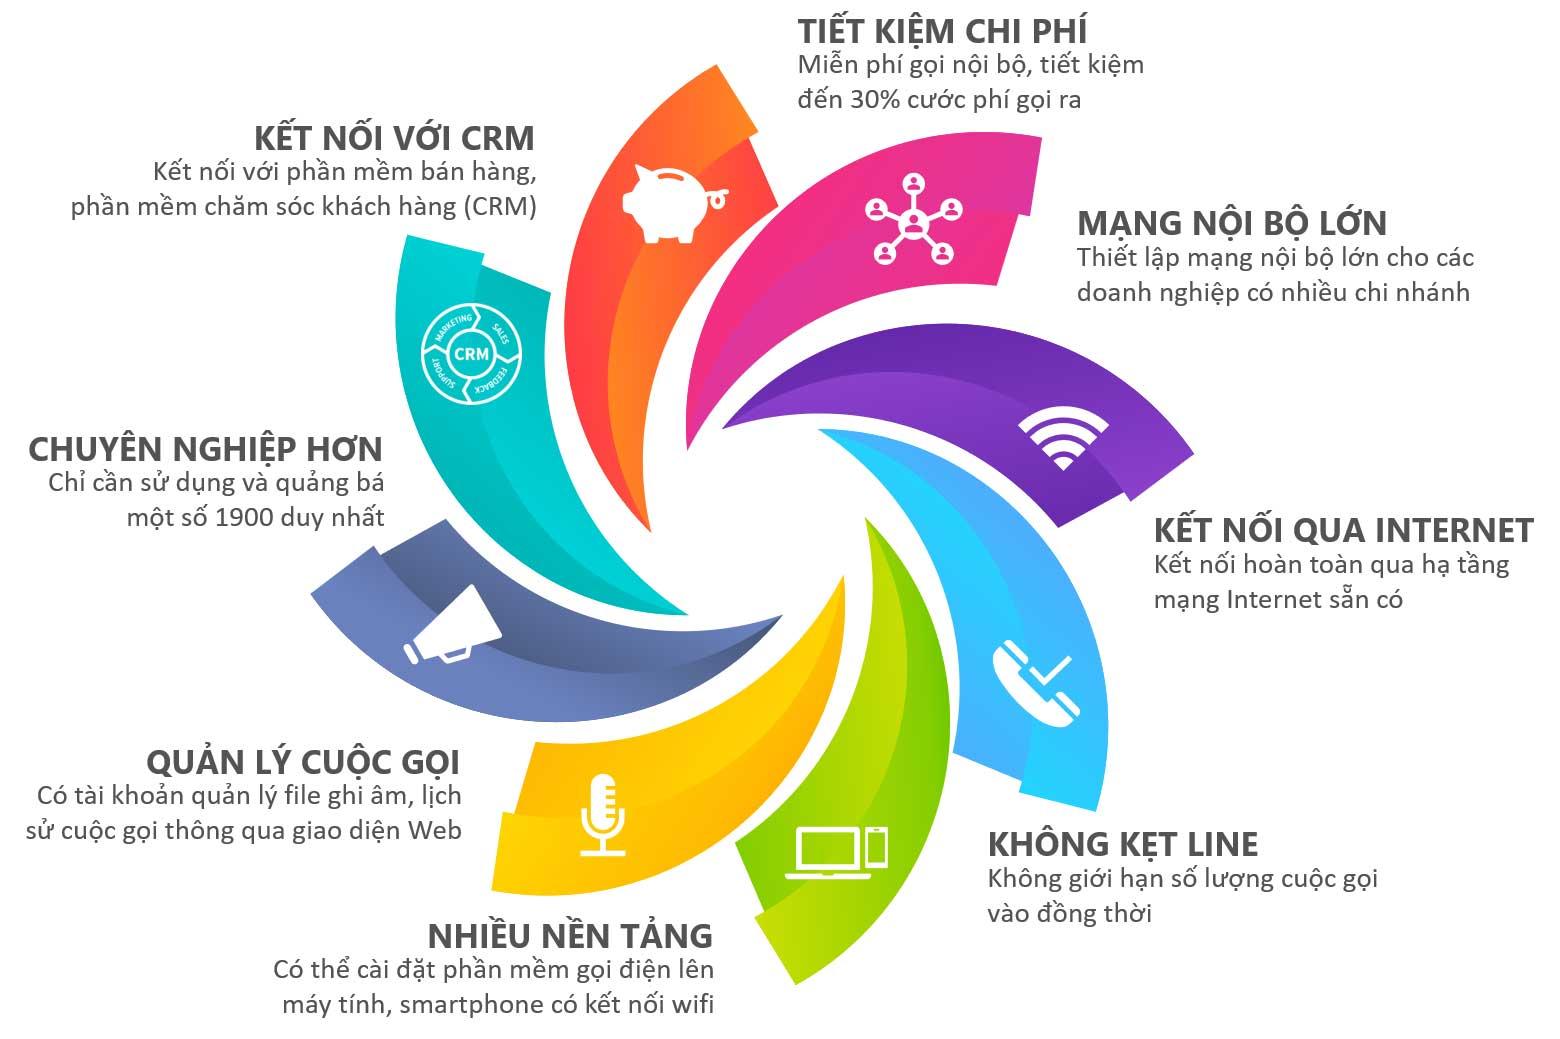 Tính năng khác của điện thoại cố định IP